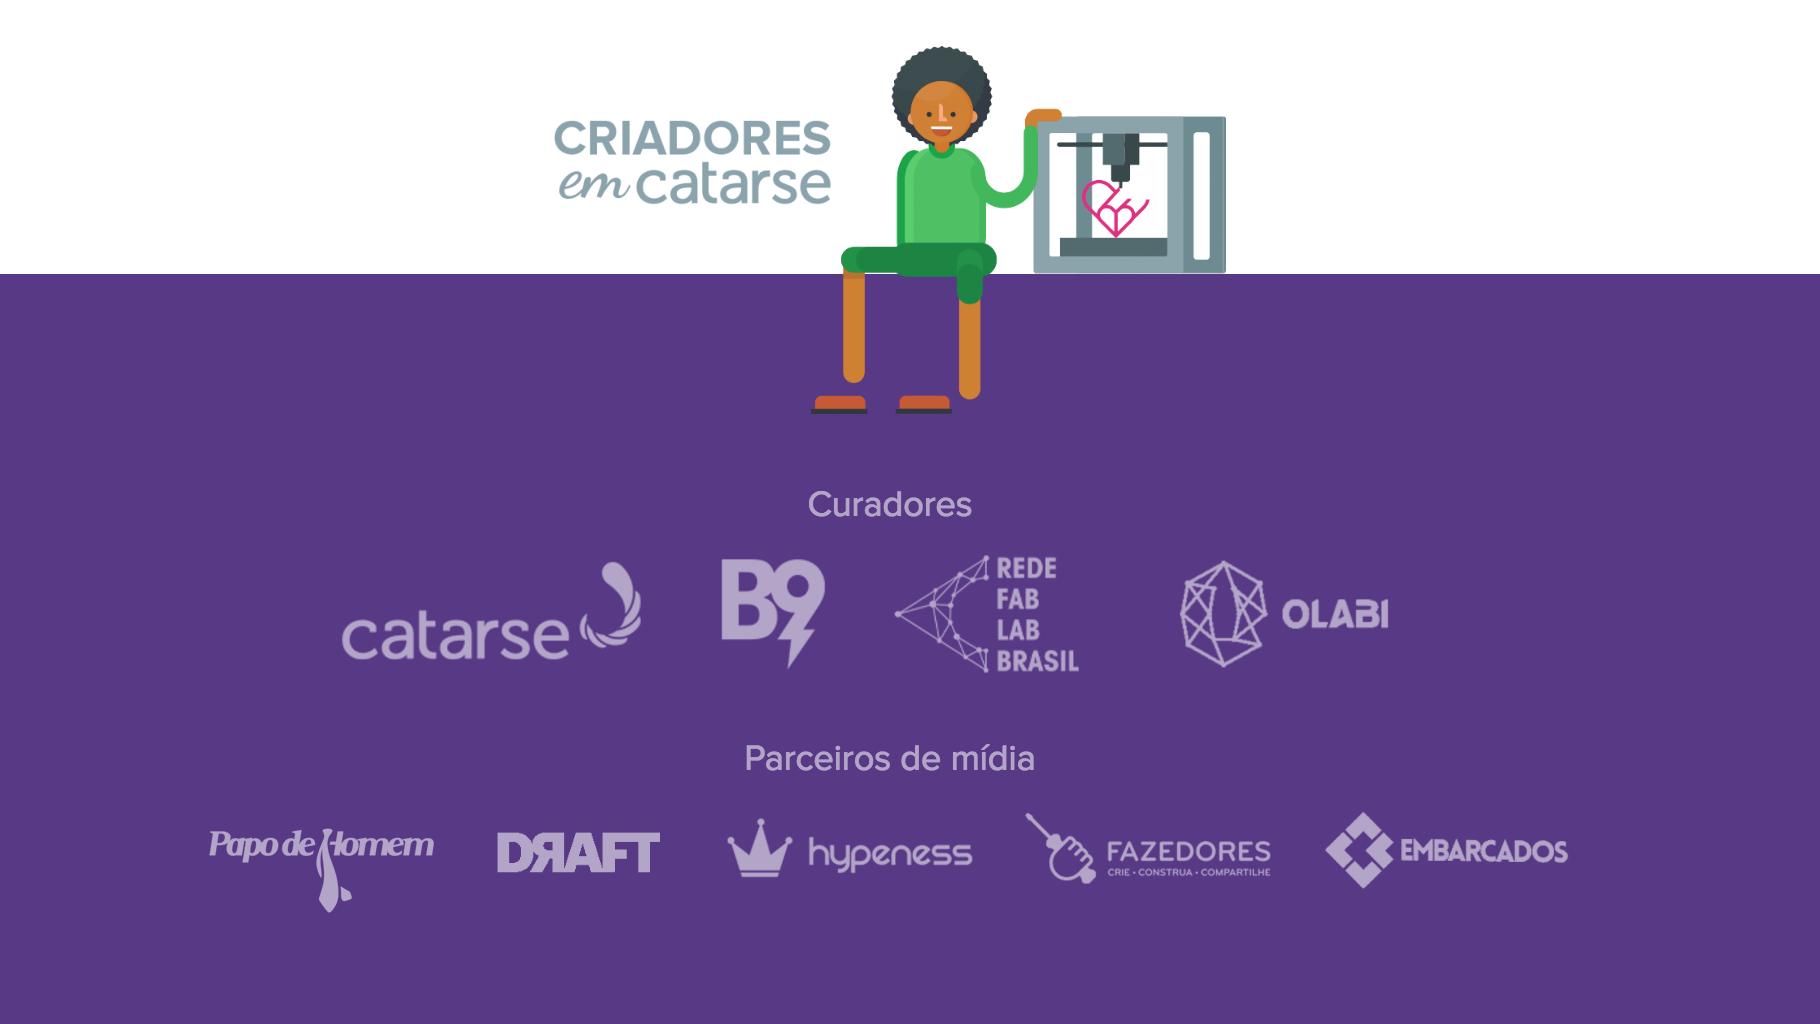 Conheça os 6 projetos selecionados no Criadores em Catarse